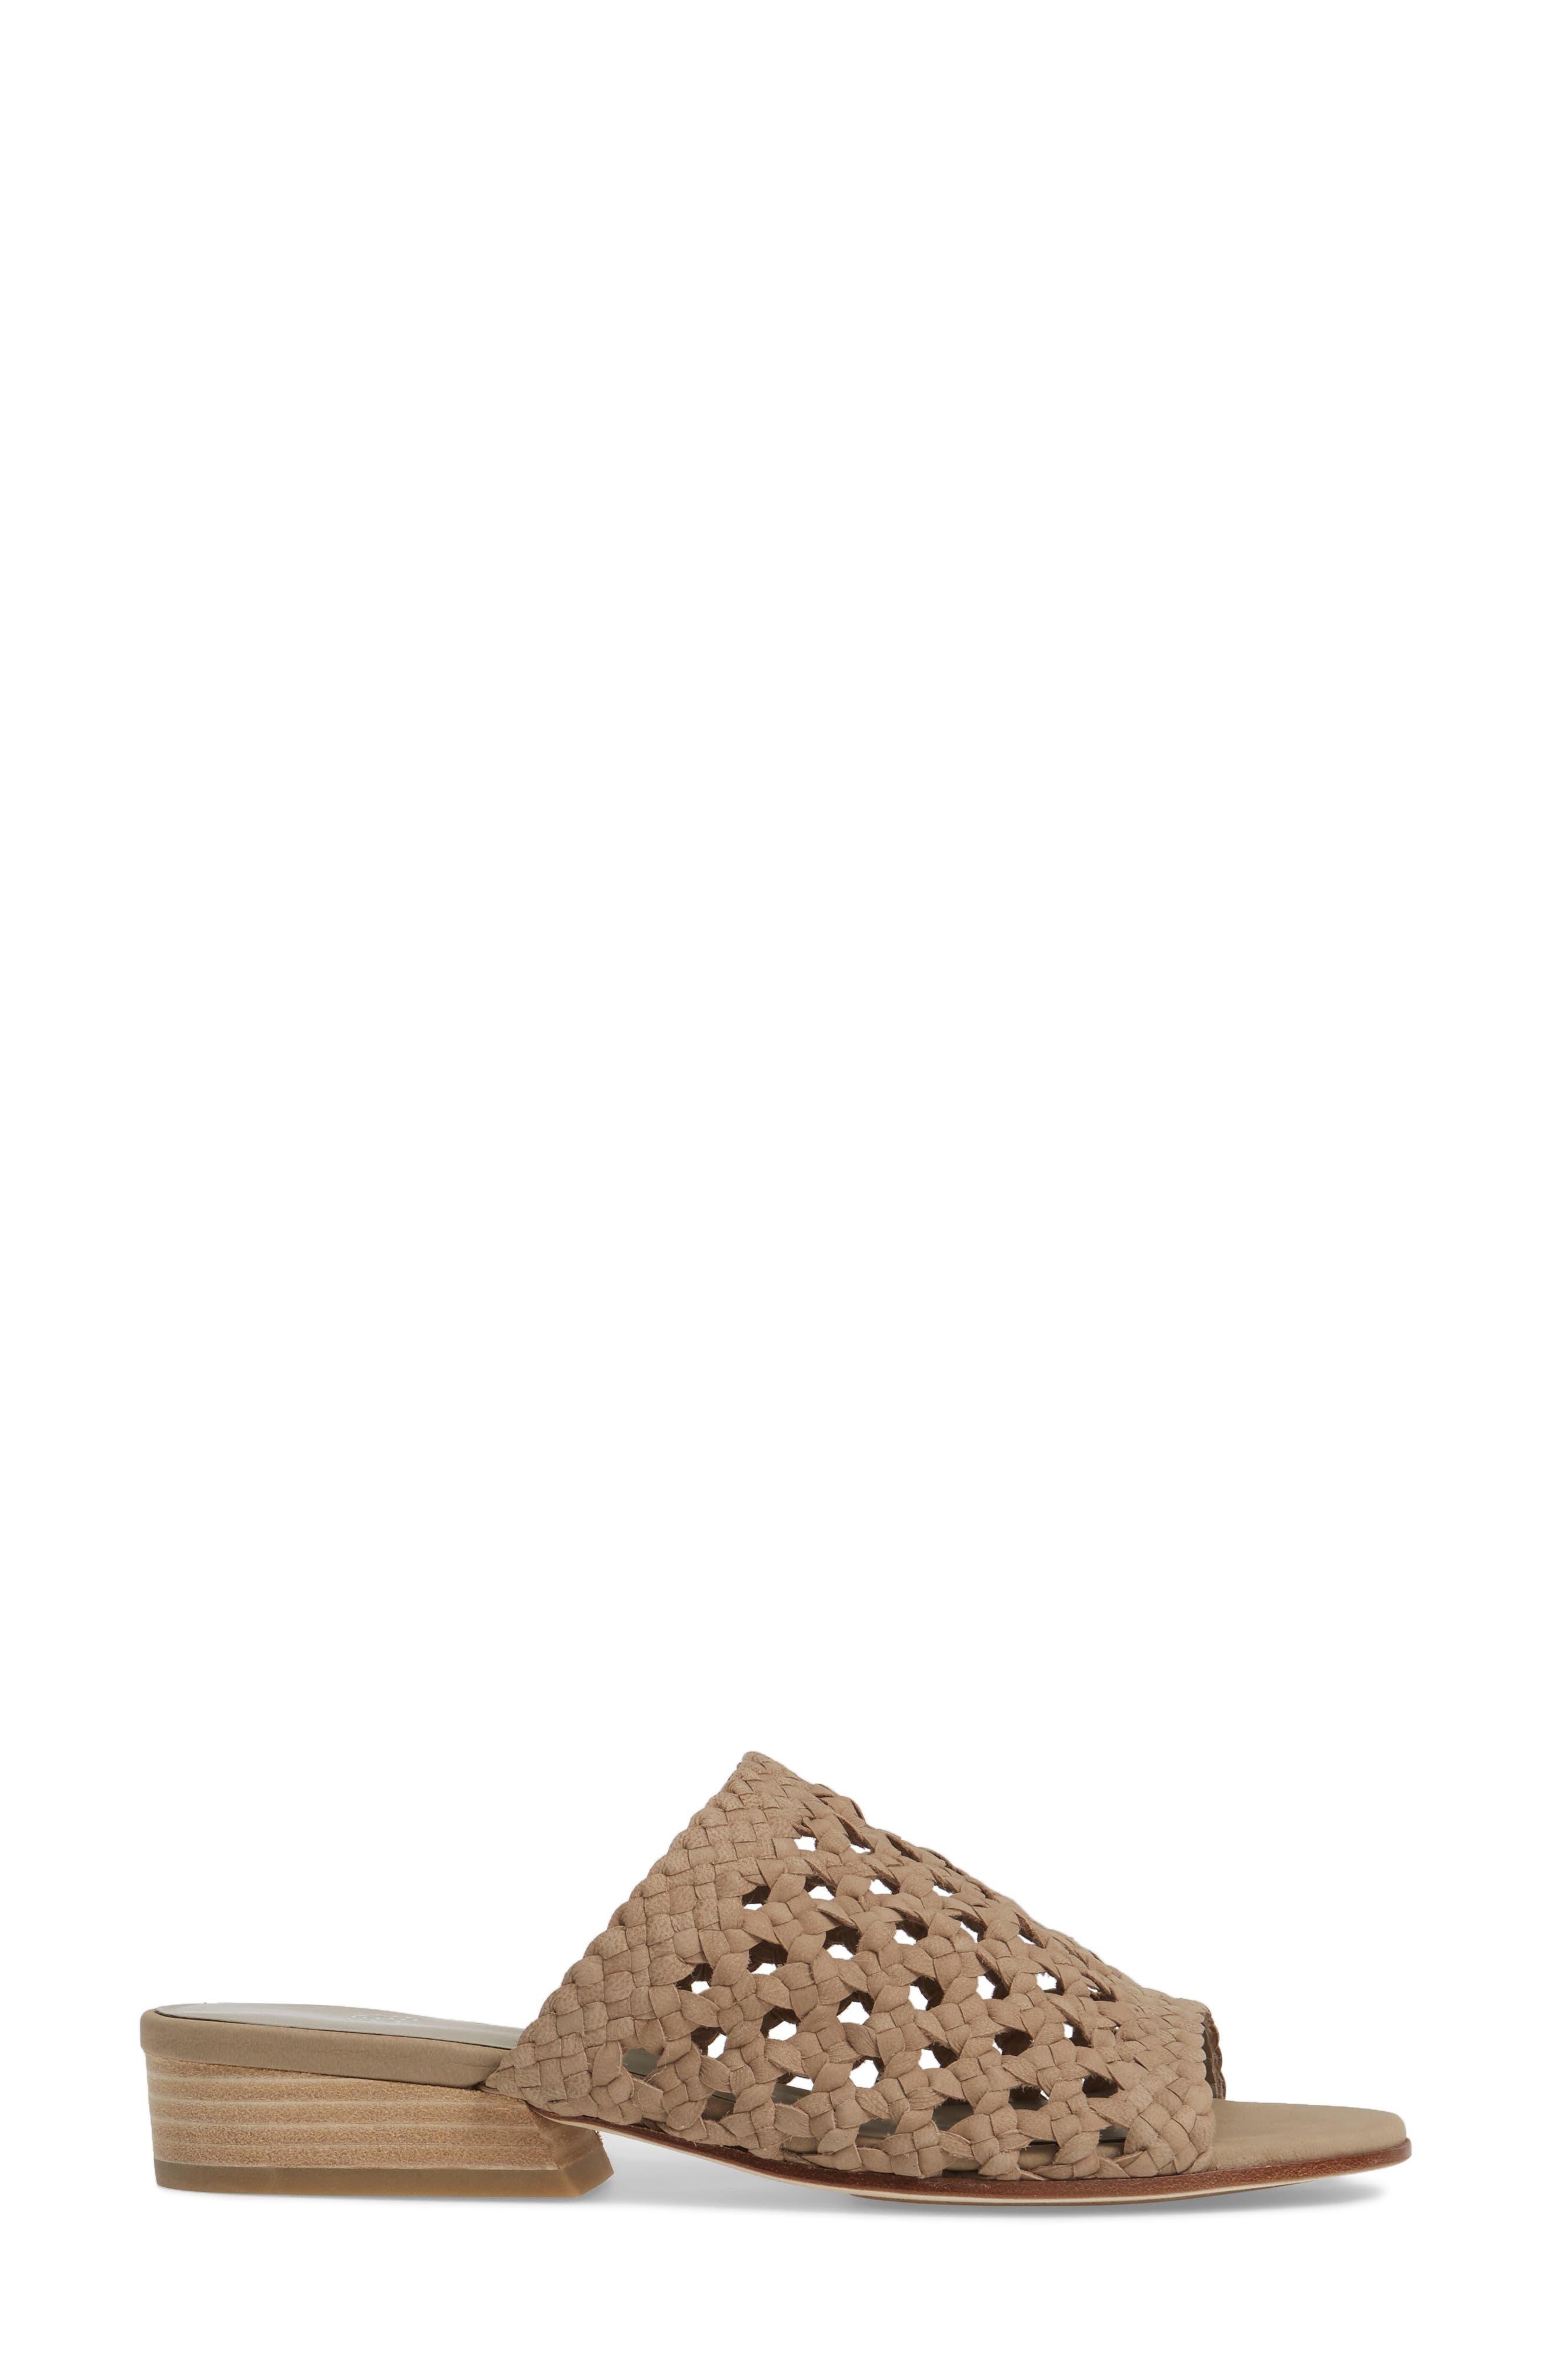 Alternate Image 3  - Eileen Fisher Aloe Slide Sandal (Women)